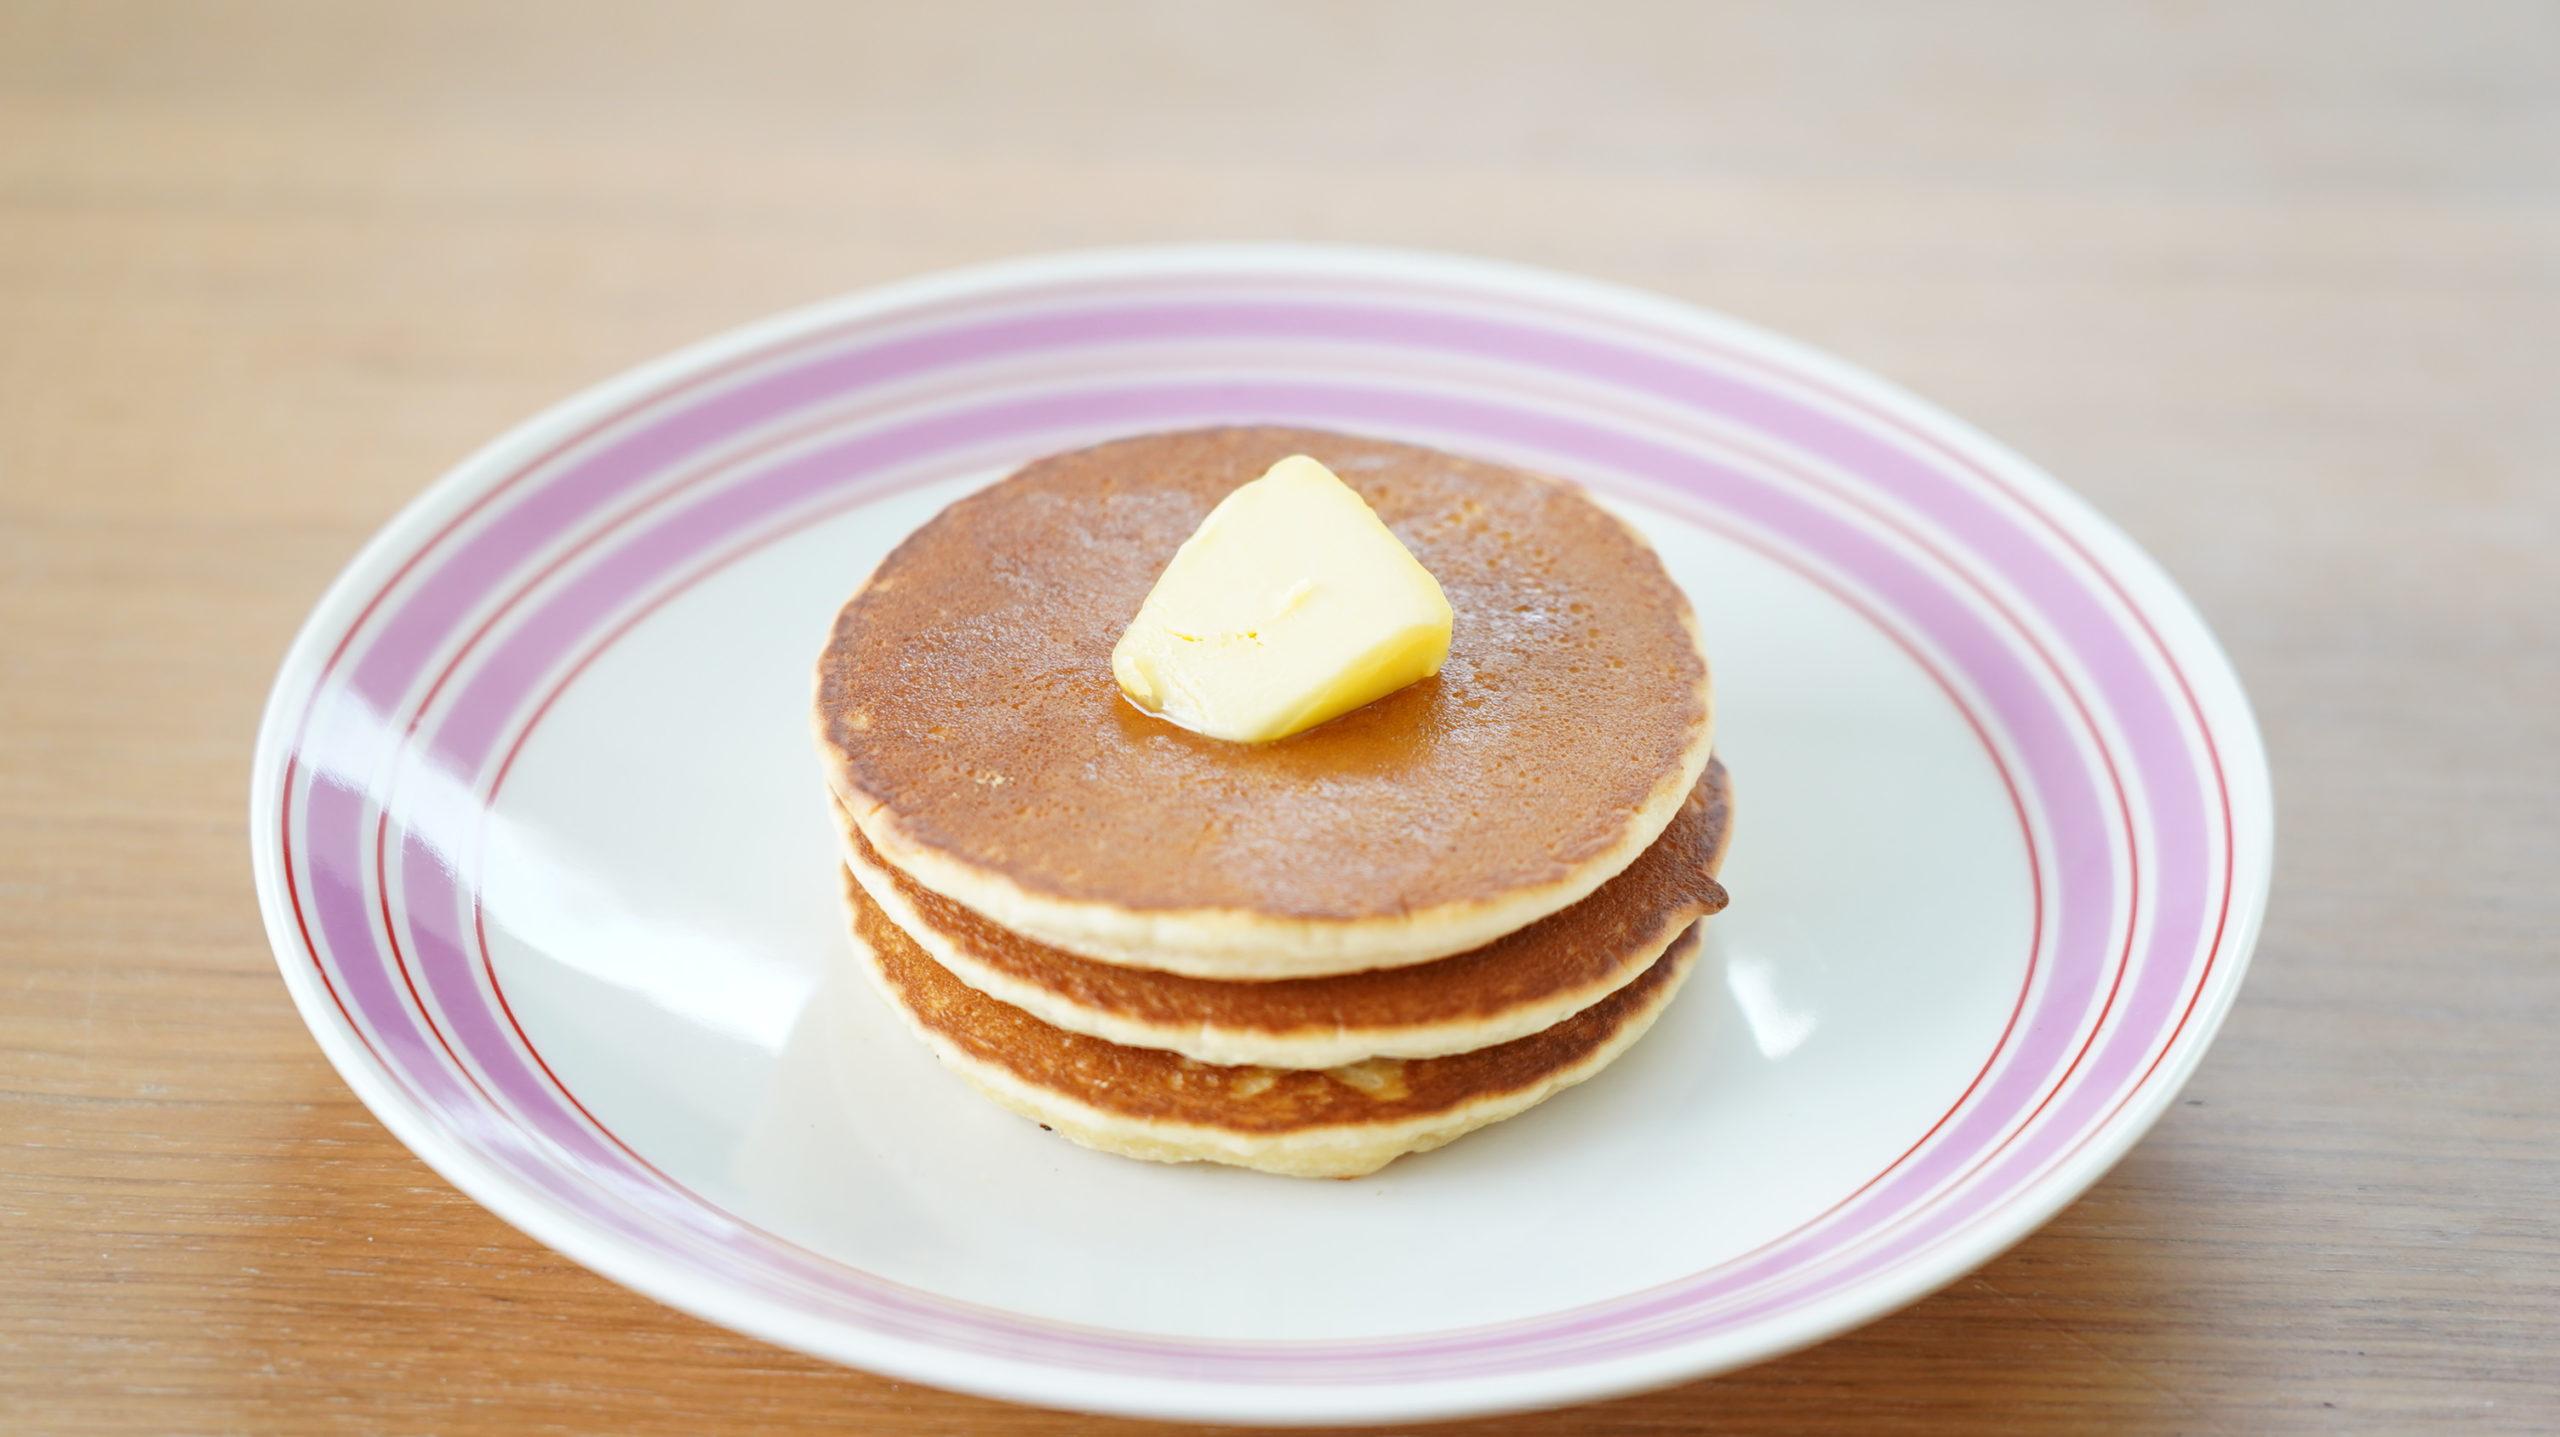 ピカールのおすすめ冷凍食品「パンケーキ」にバターをのせた写真